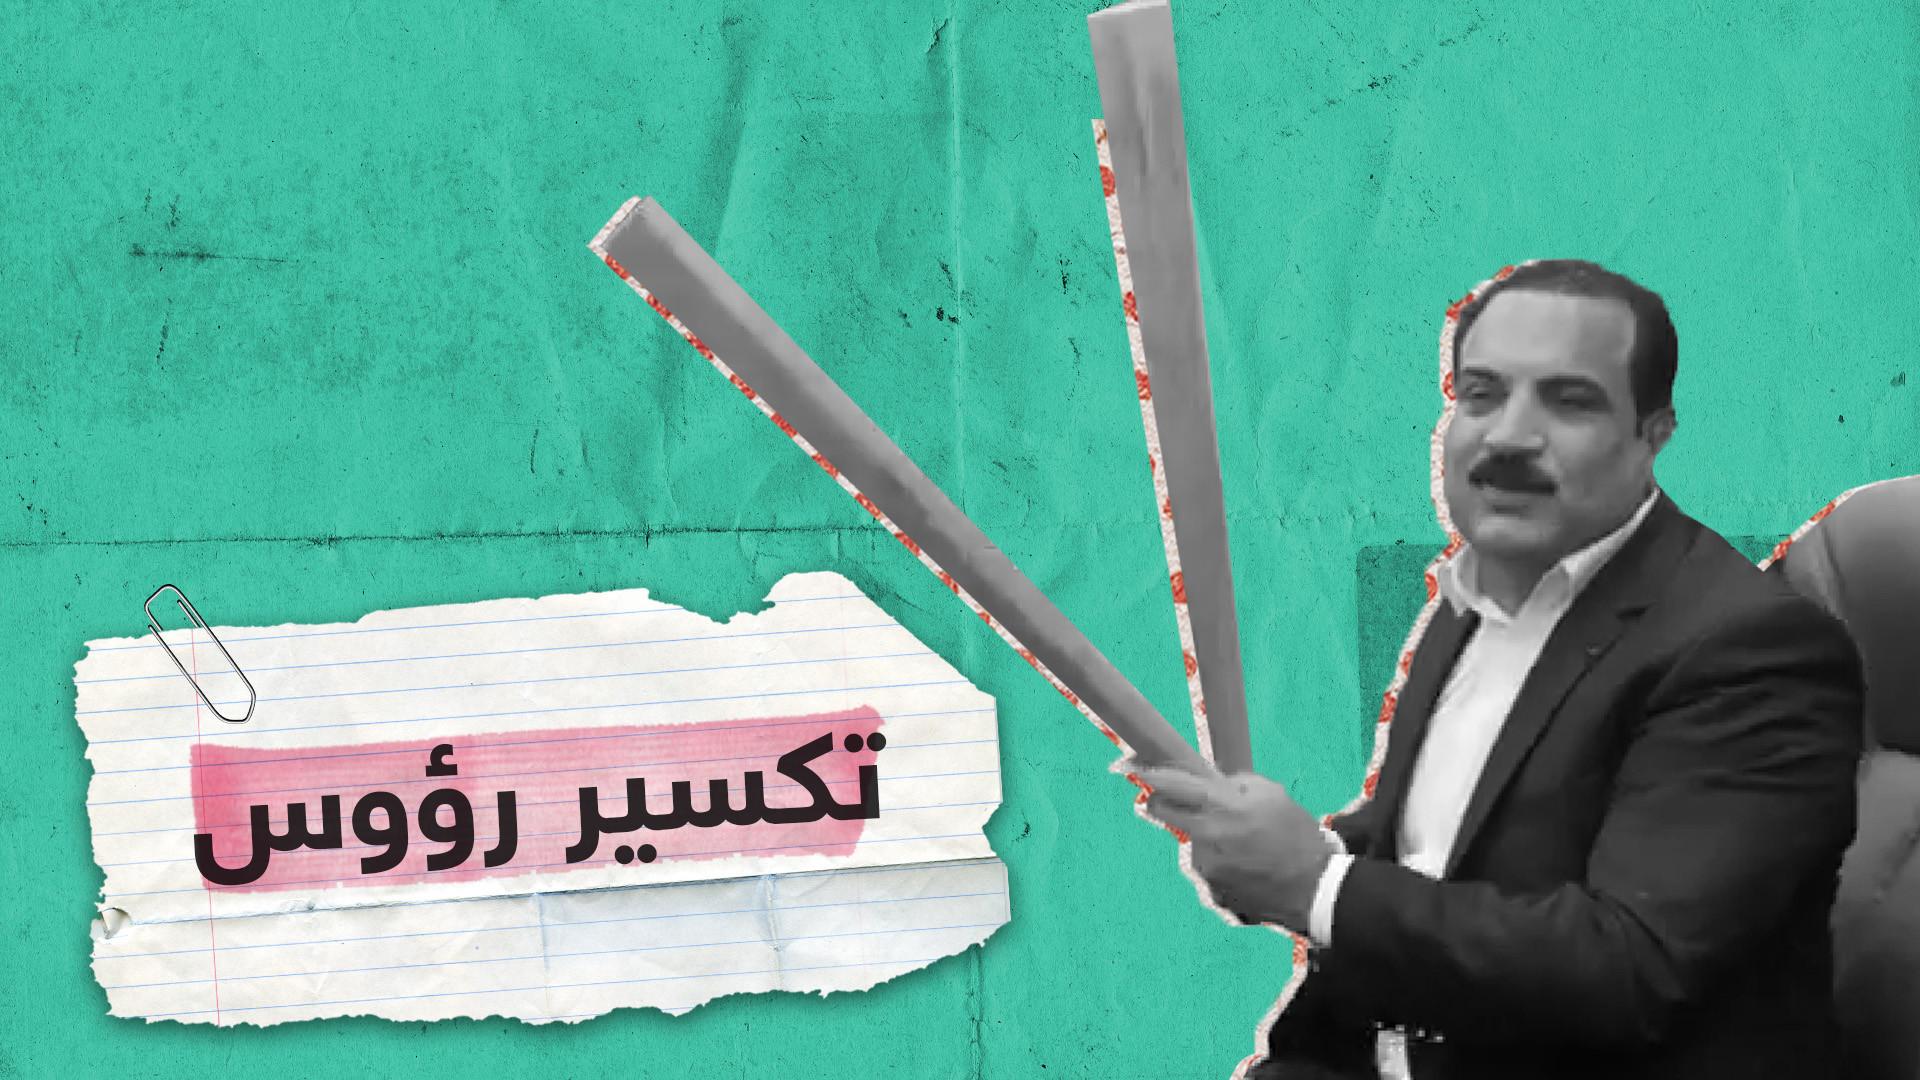 مسؤول عراقي يهدد بتكسير رؤوس